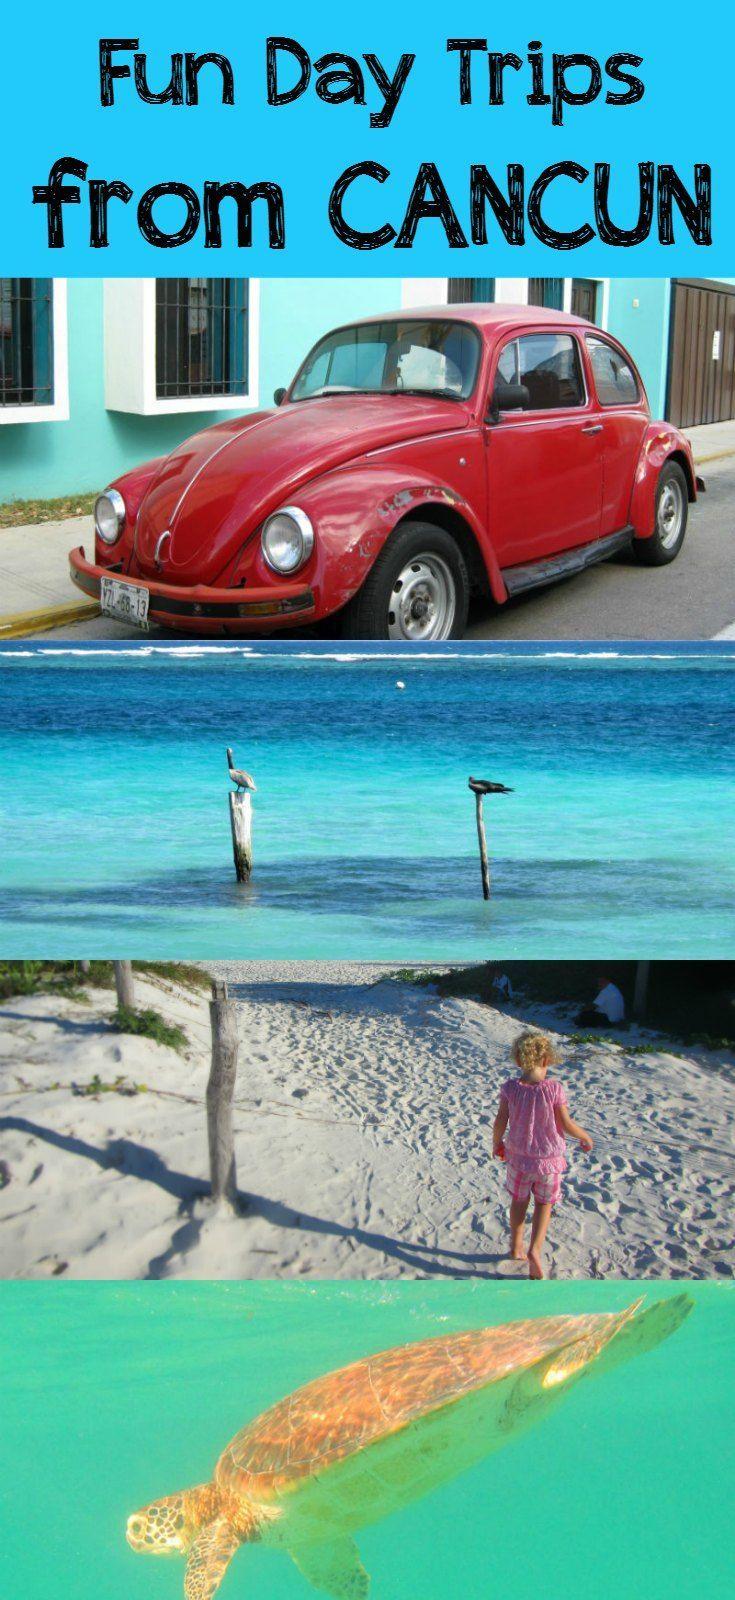 5 Alternative Cancun Day Trips You Shouldnu0027t